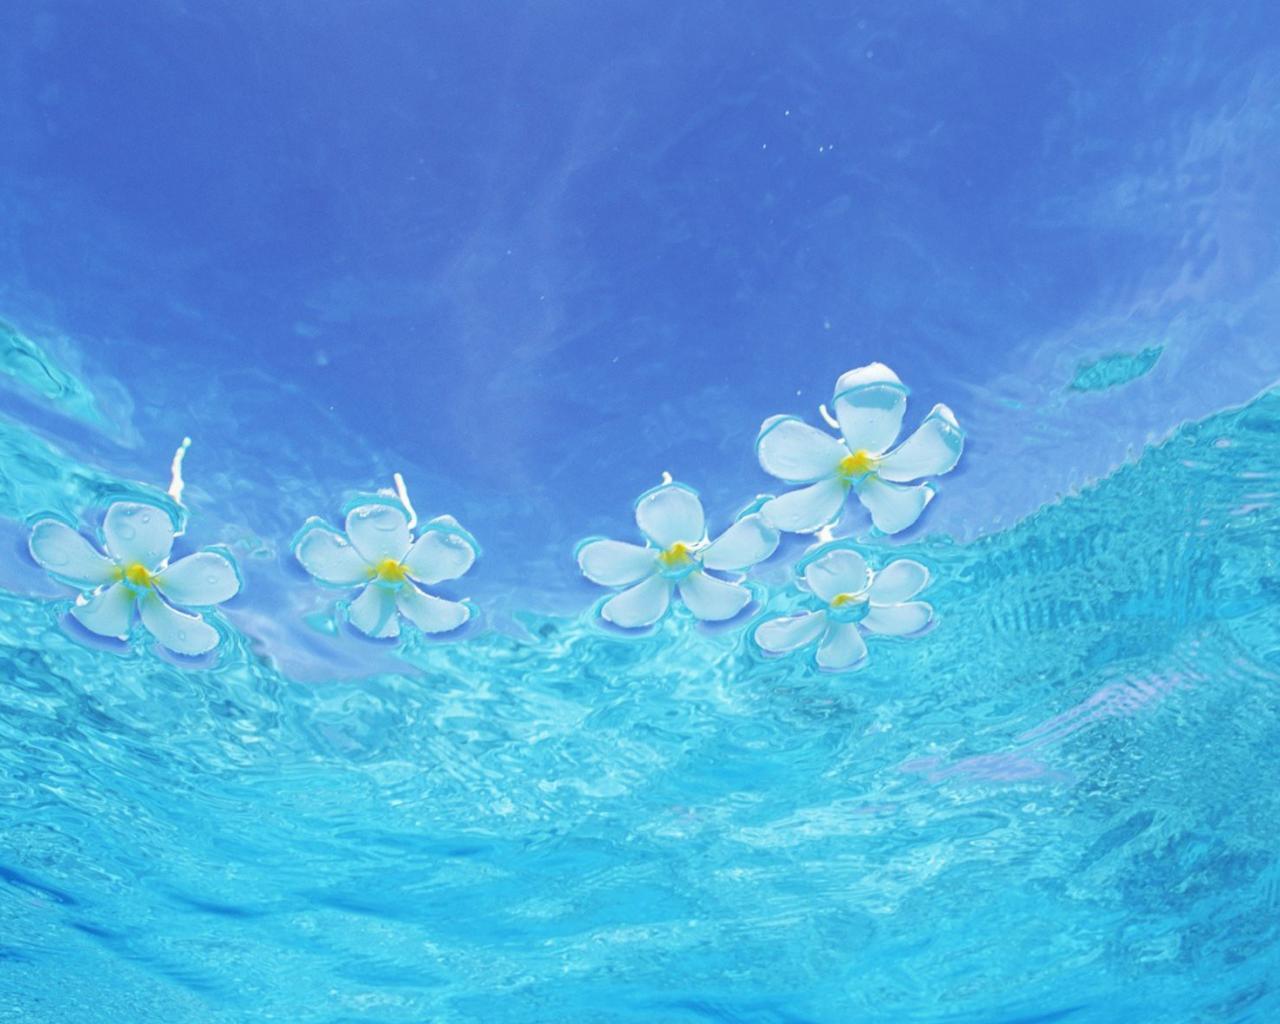 Цветы на воде обои для рабочего стола